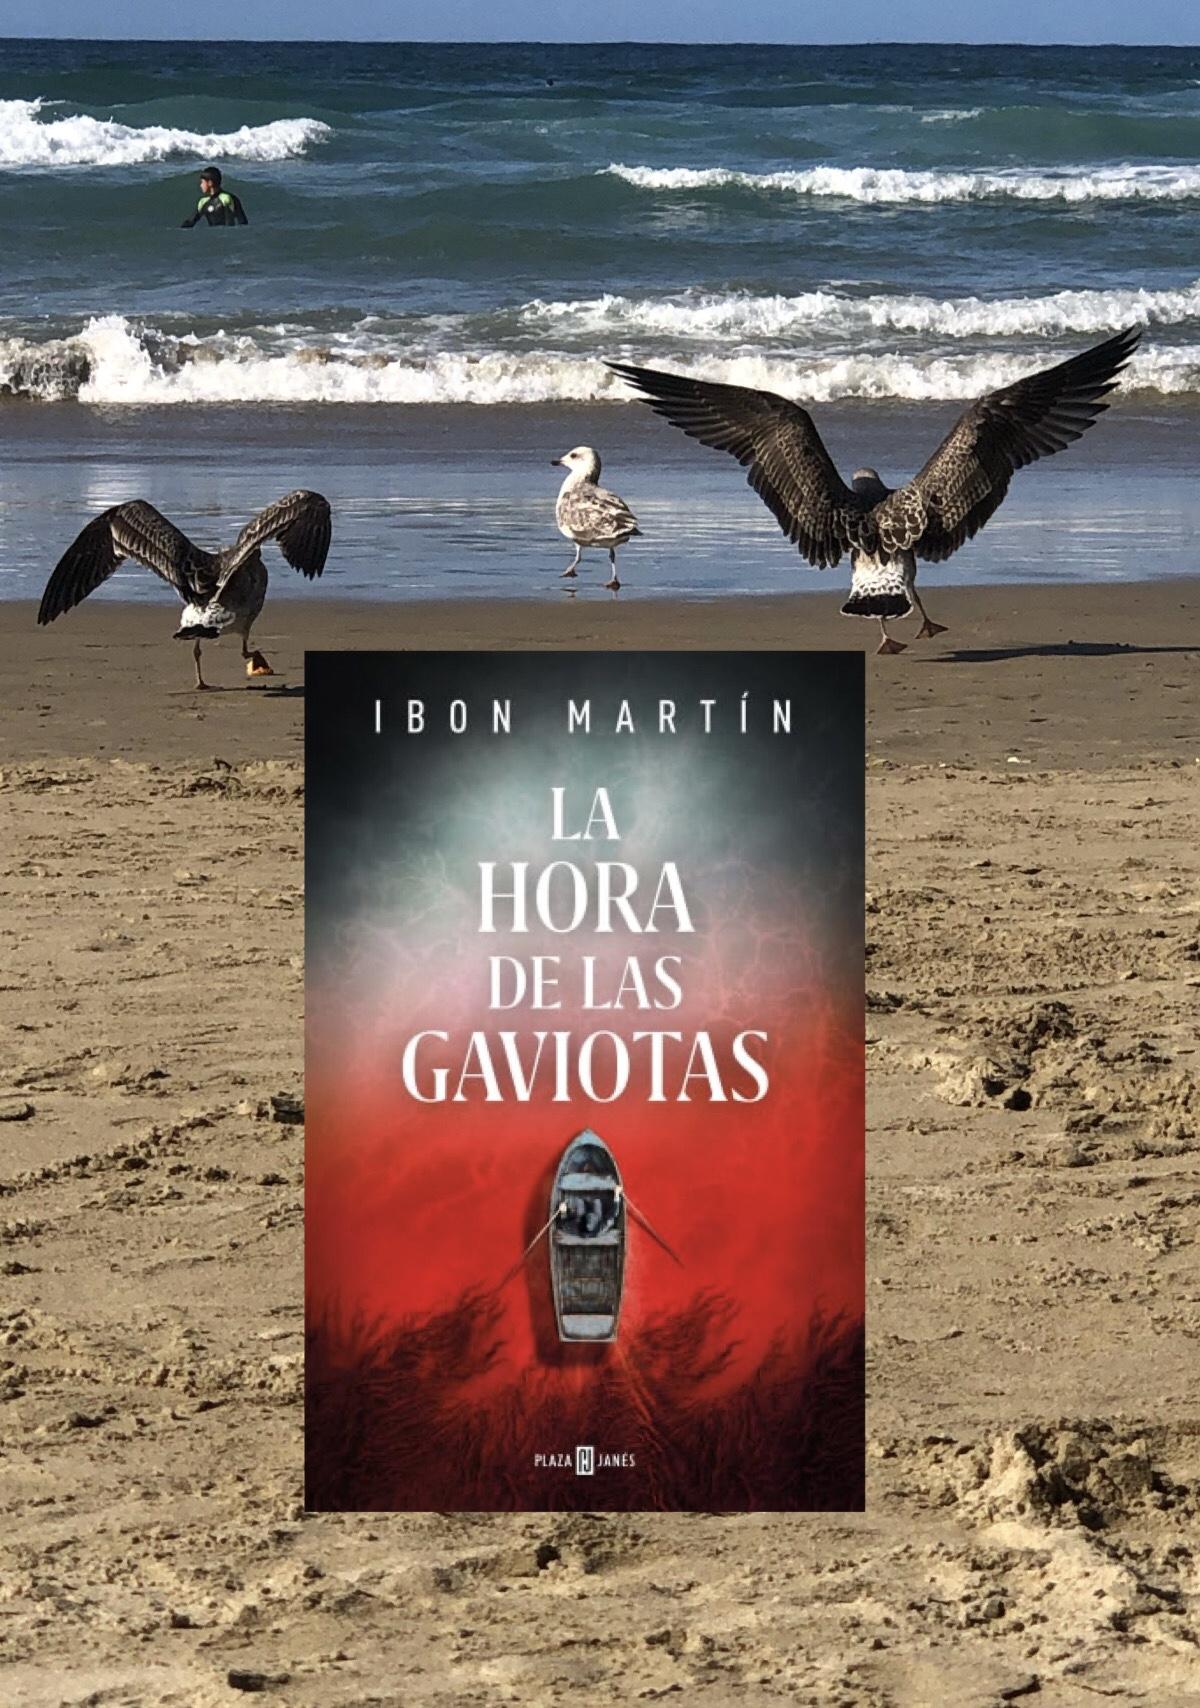 LA HORA DE LAS GAVIOTAS, de Ibon Martín.